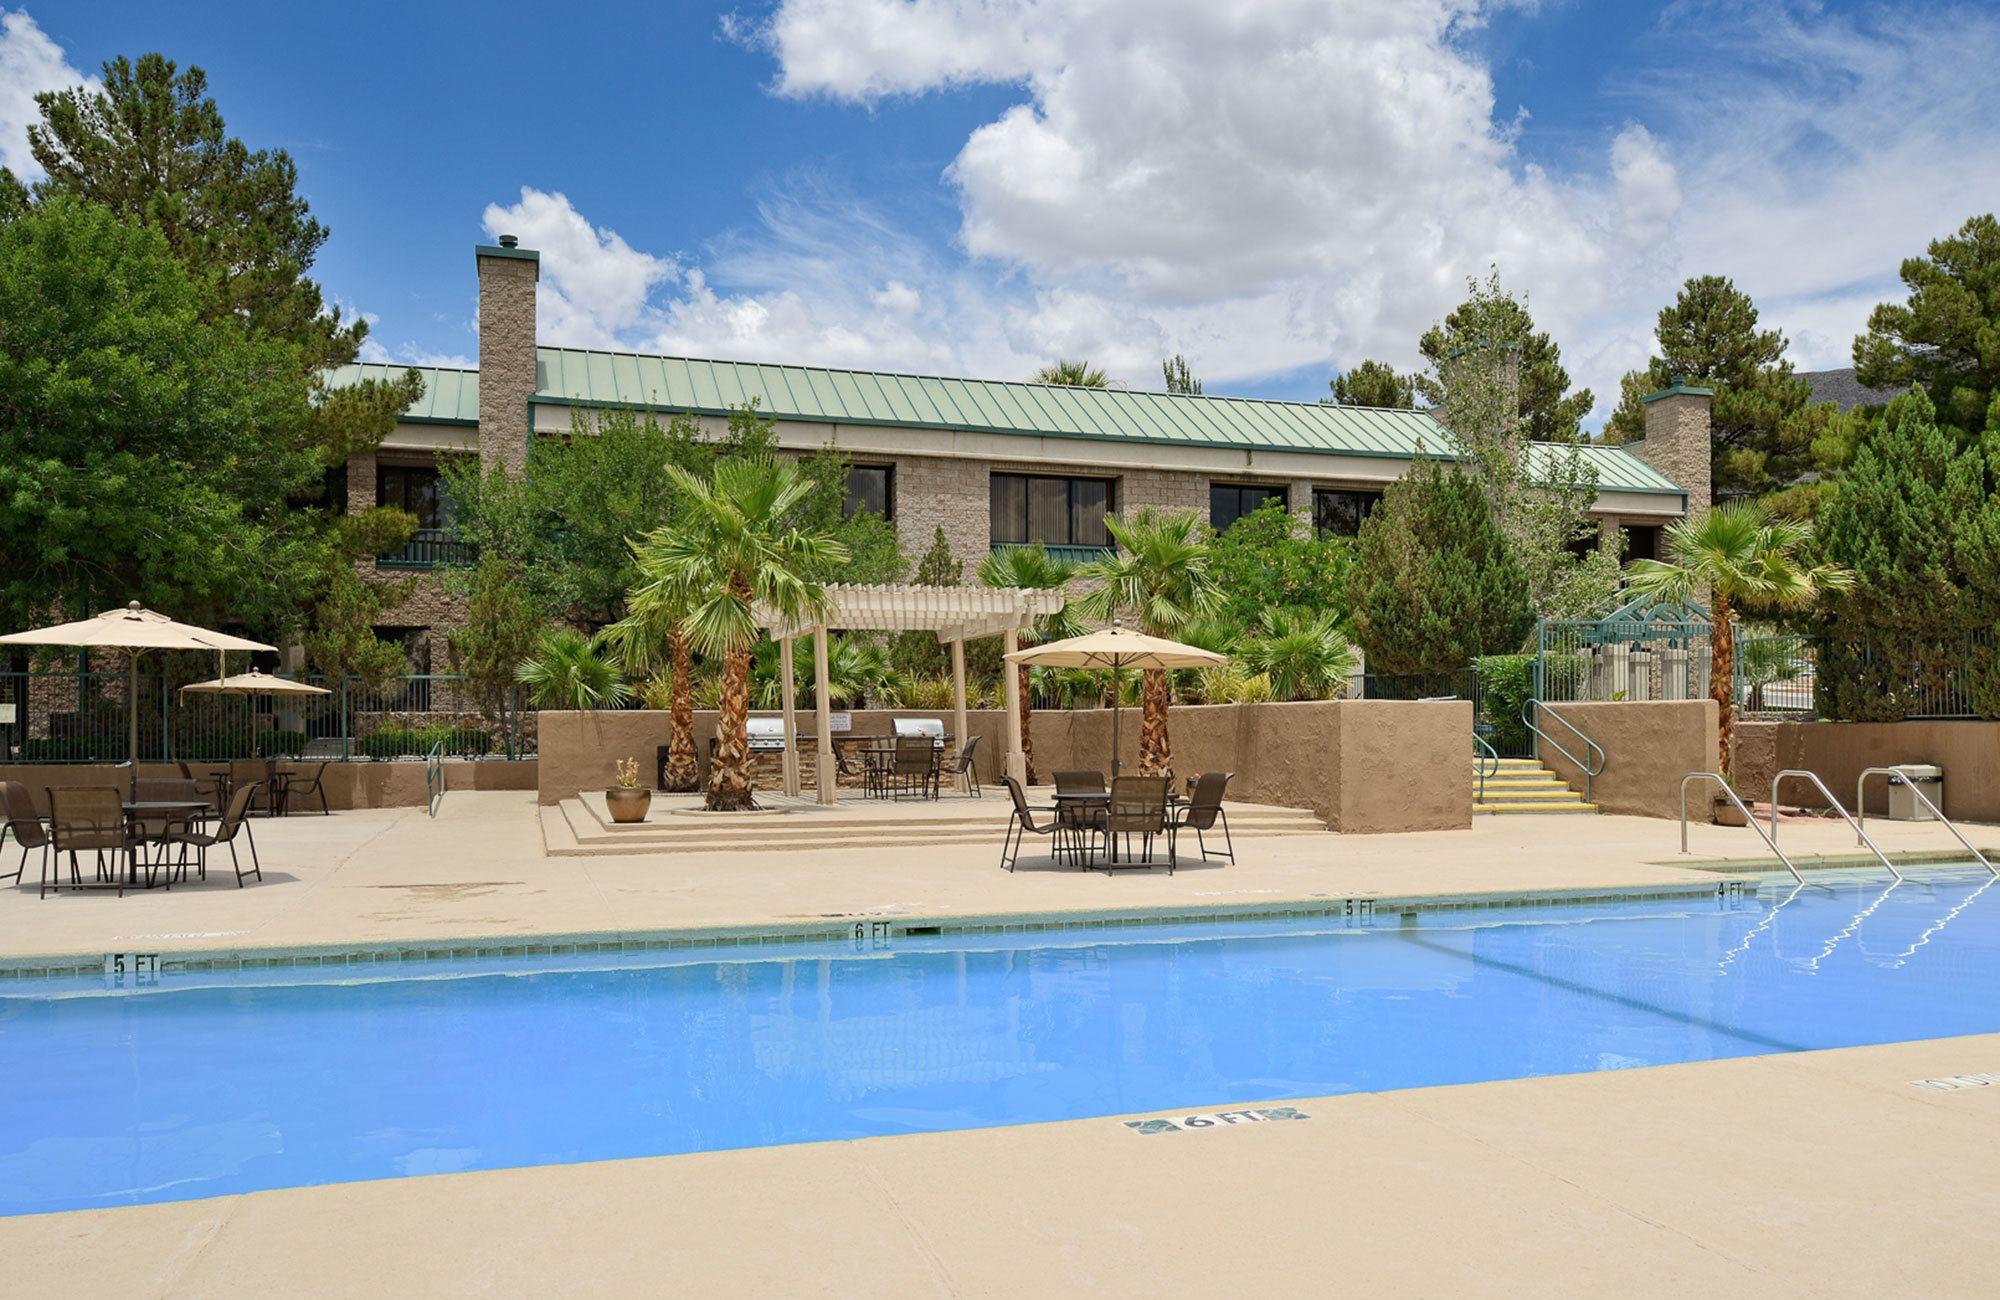 Acacia Park Apartments El Paso Texas